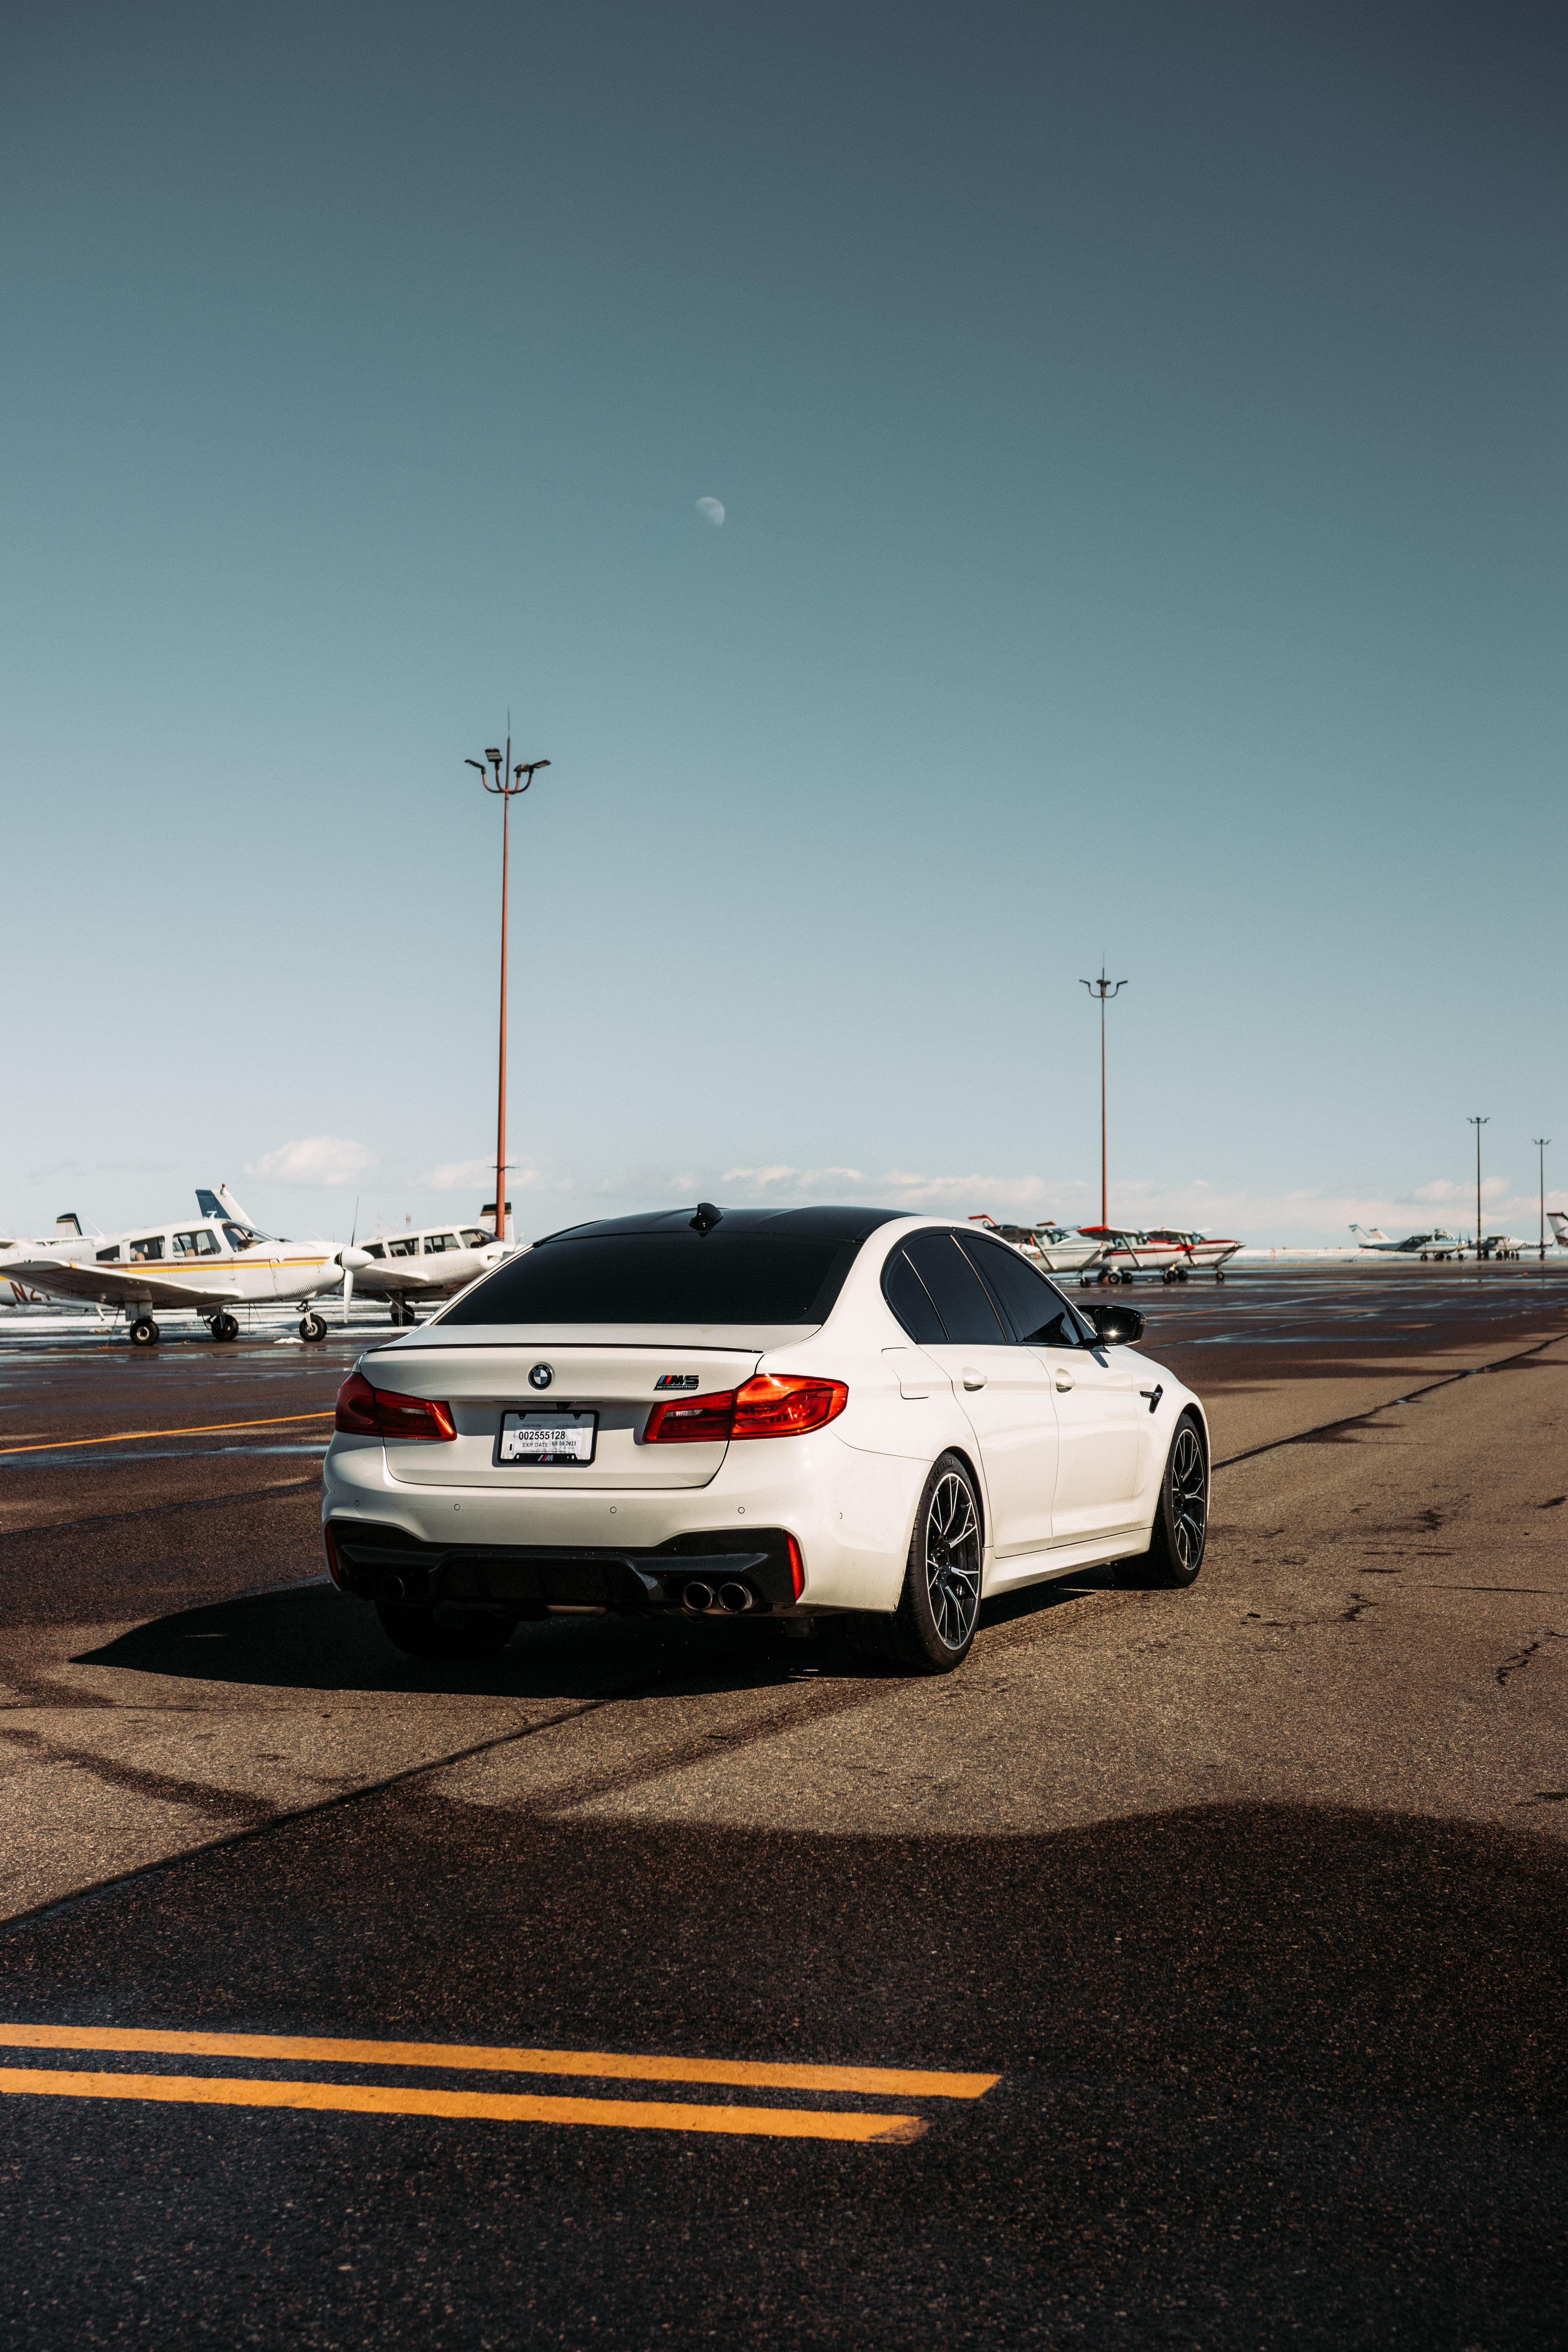 93536 скачать обои Тачки (Cars), Bmw M5, Бмв (Bmw), Автомобиль, Белый, Аэропорт - заставки и картинки бесплатно